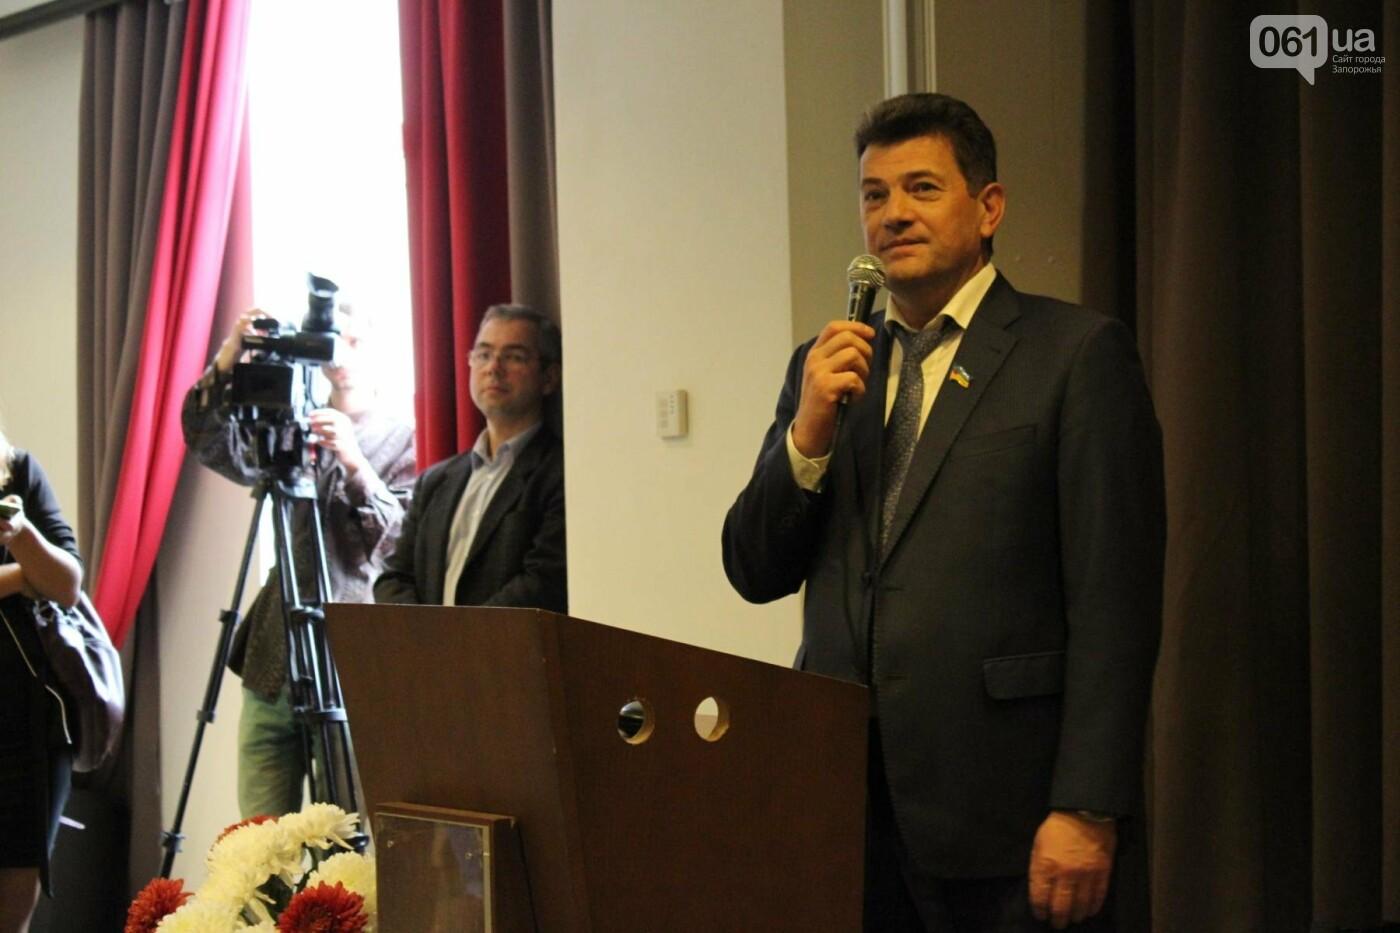 В Запорожье открылось Почетное консульство Австрии: консулом стал известный бизнесмен Борис Шестопалов, — ФОТОРЕПОРТАЖ, фото-9